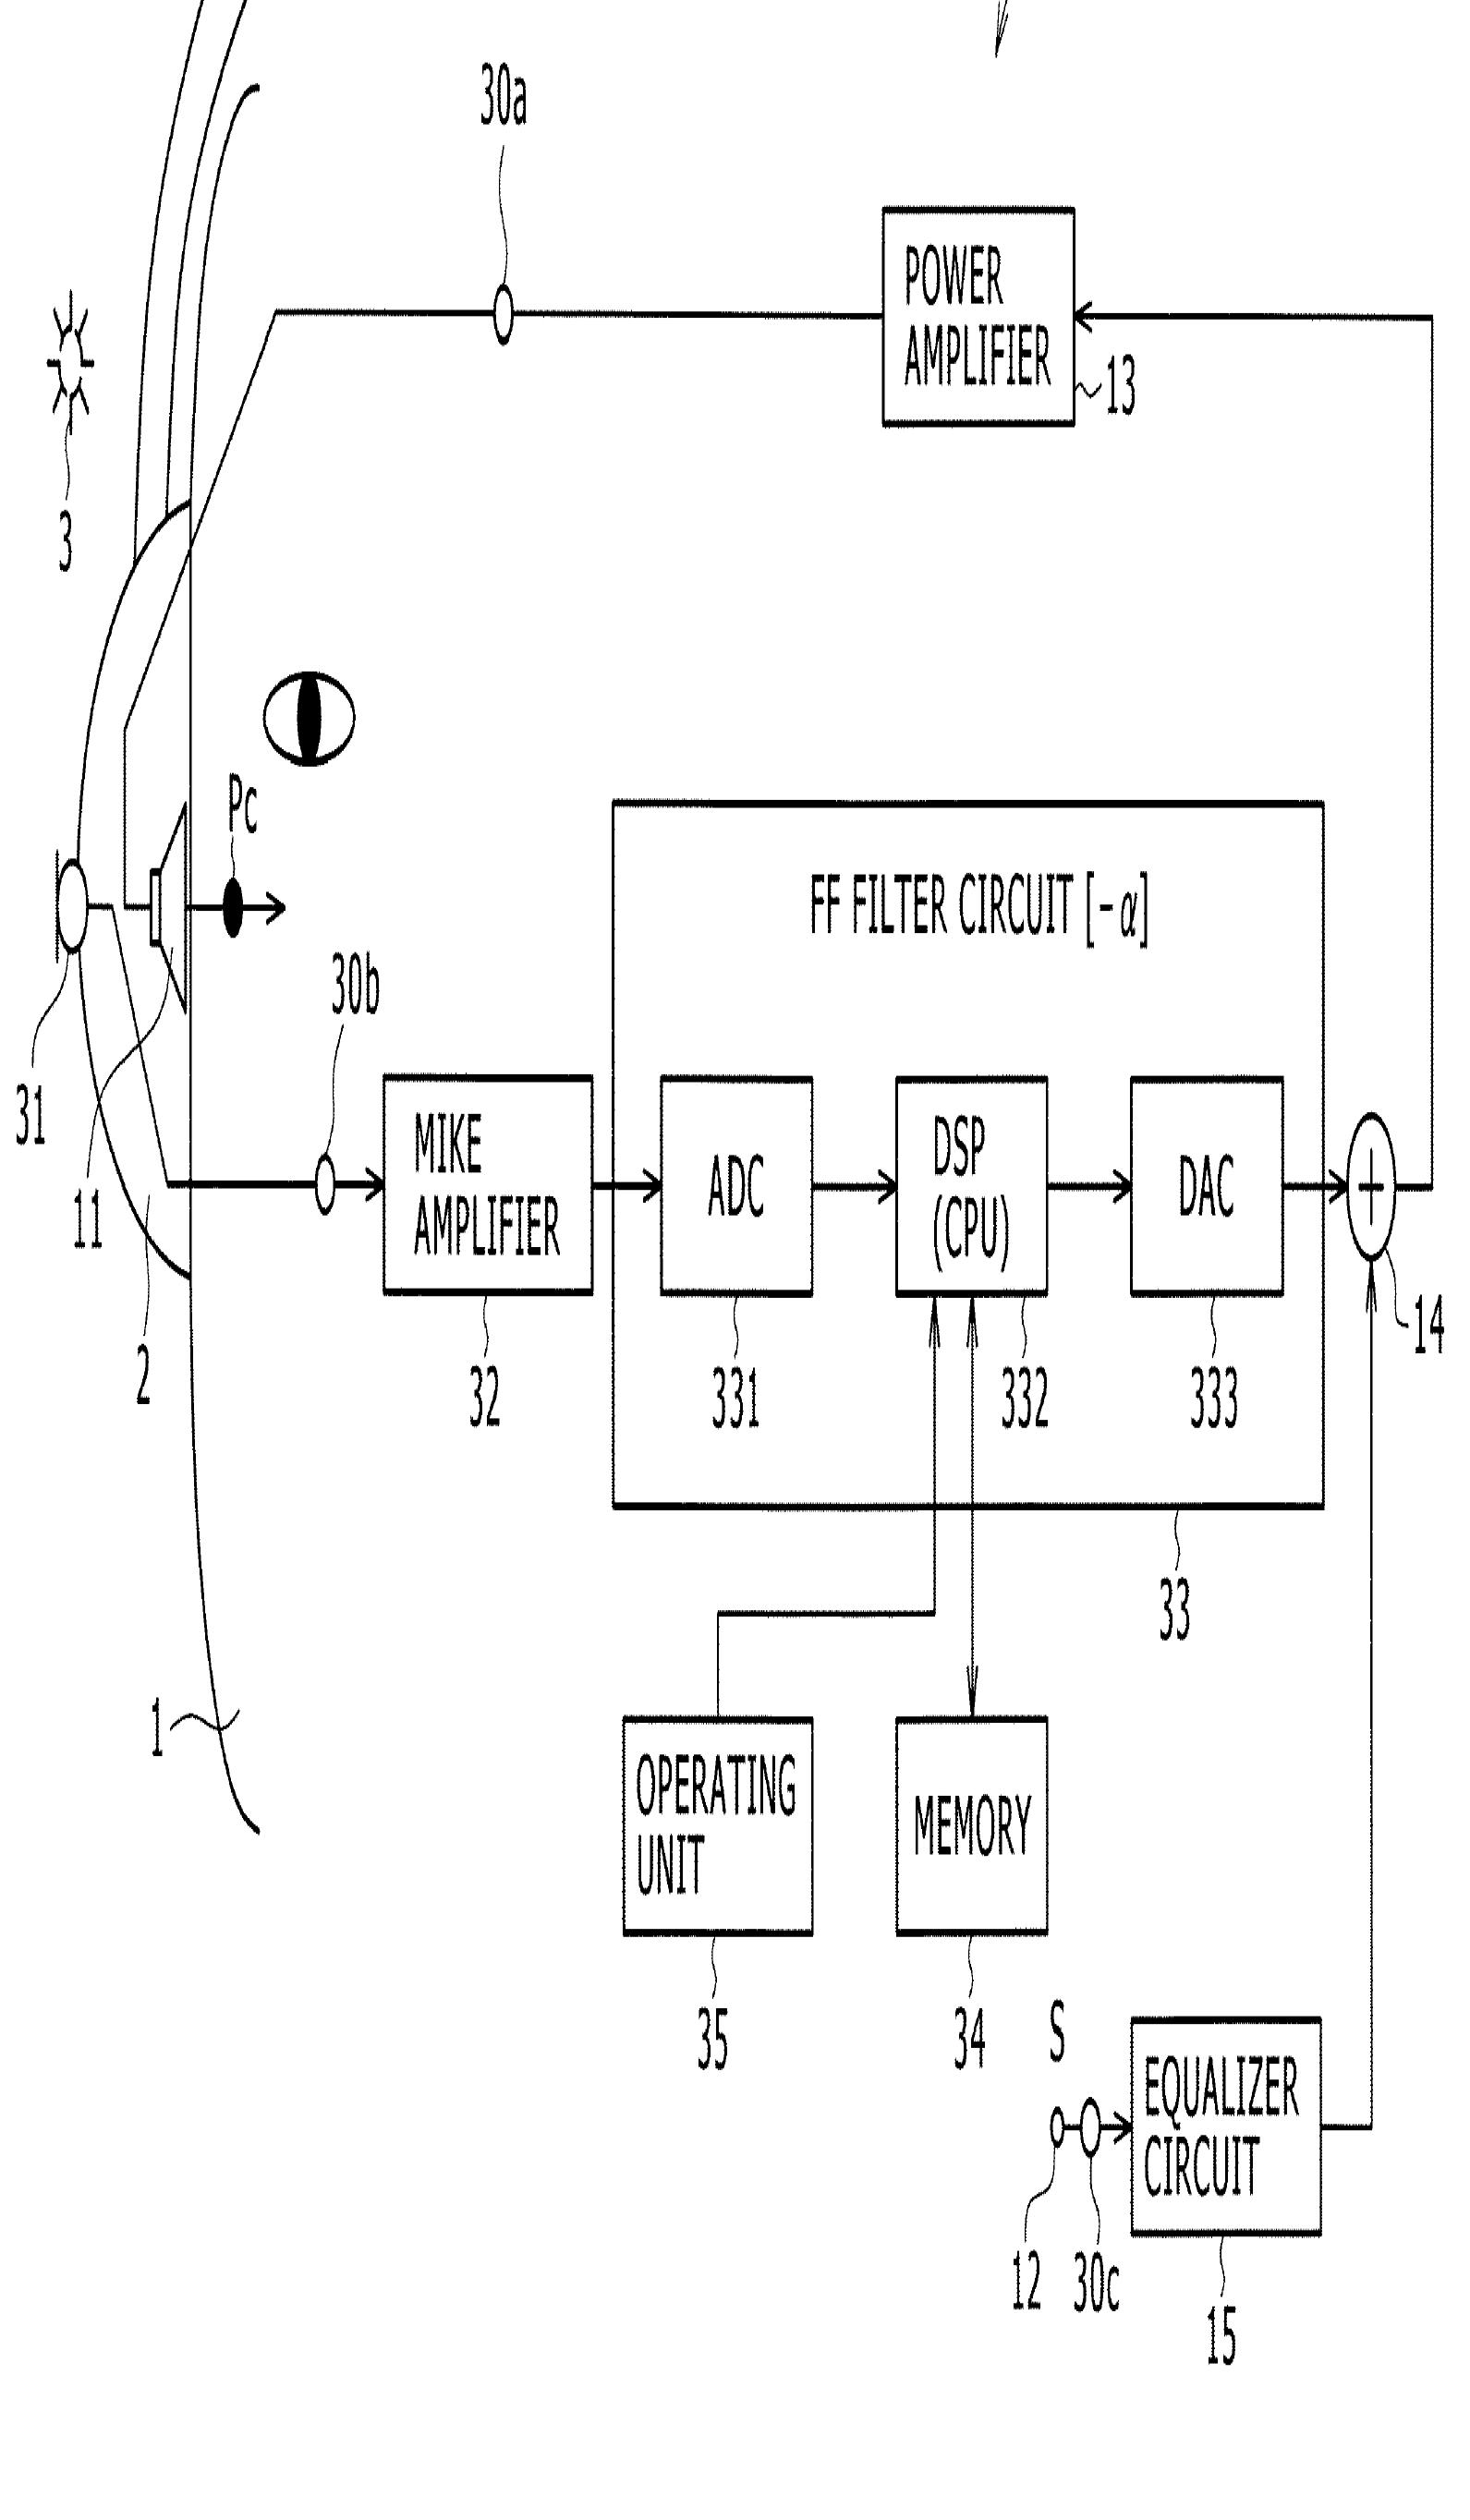 zr950 manual